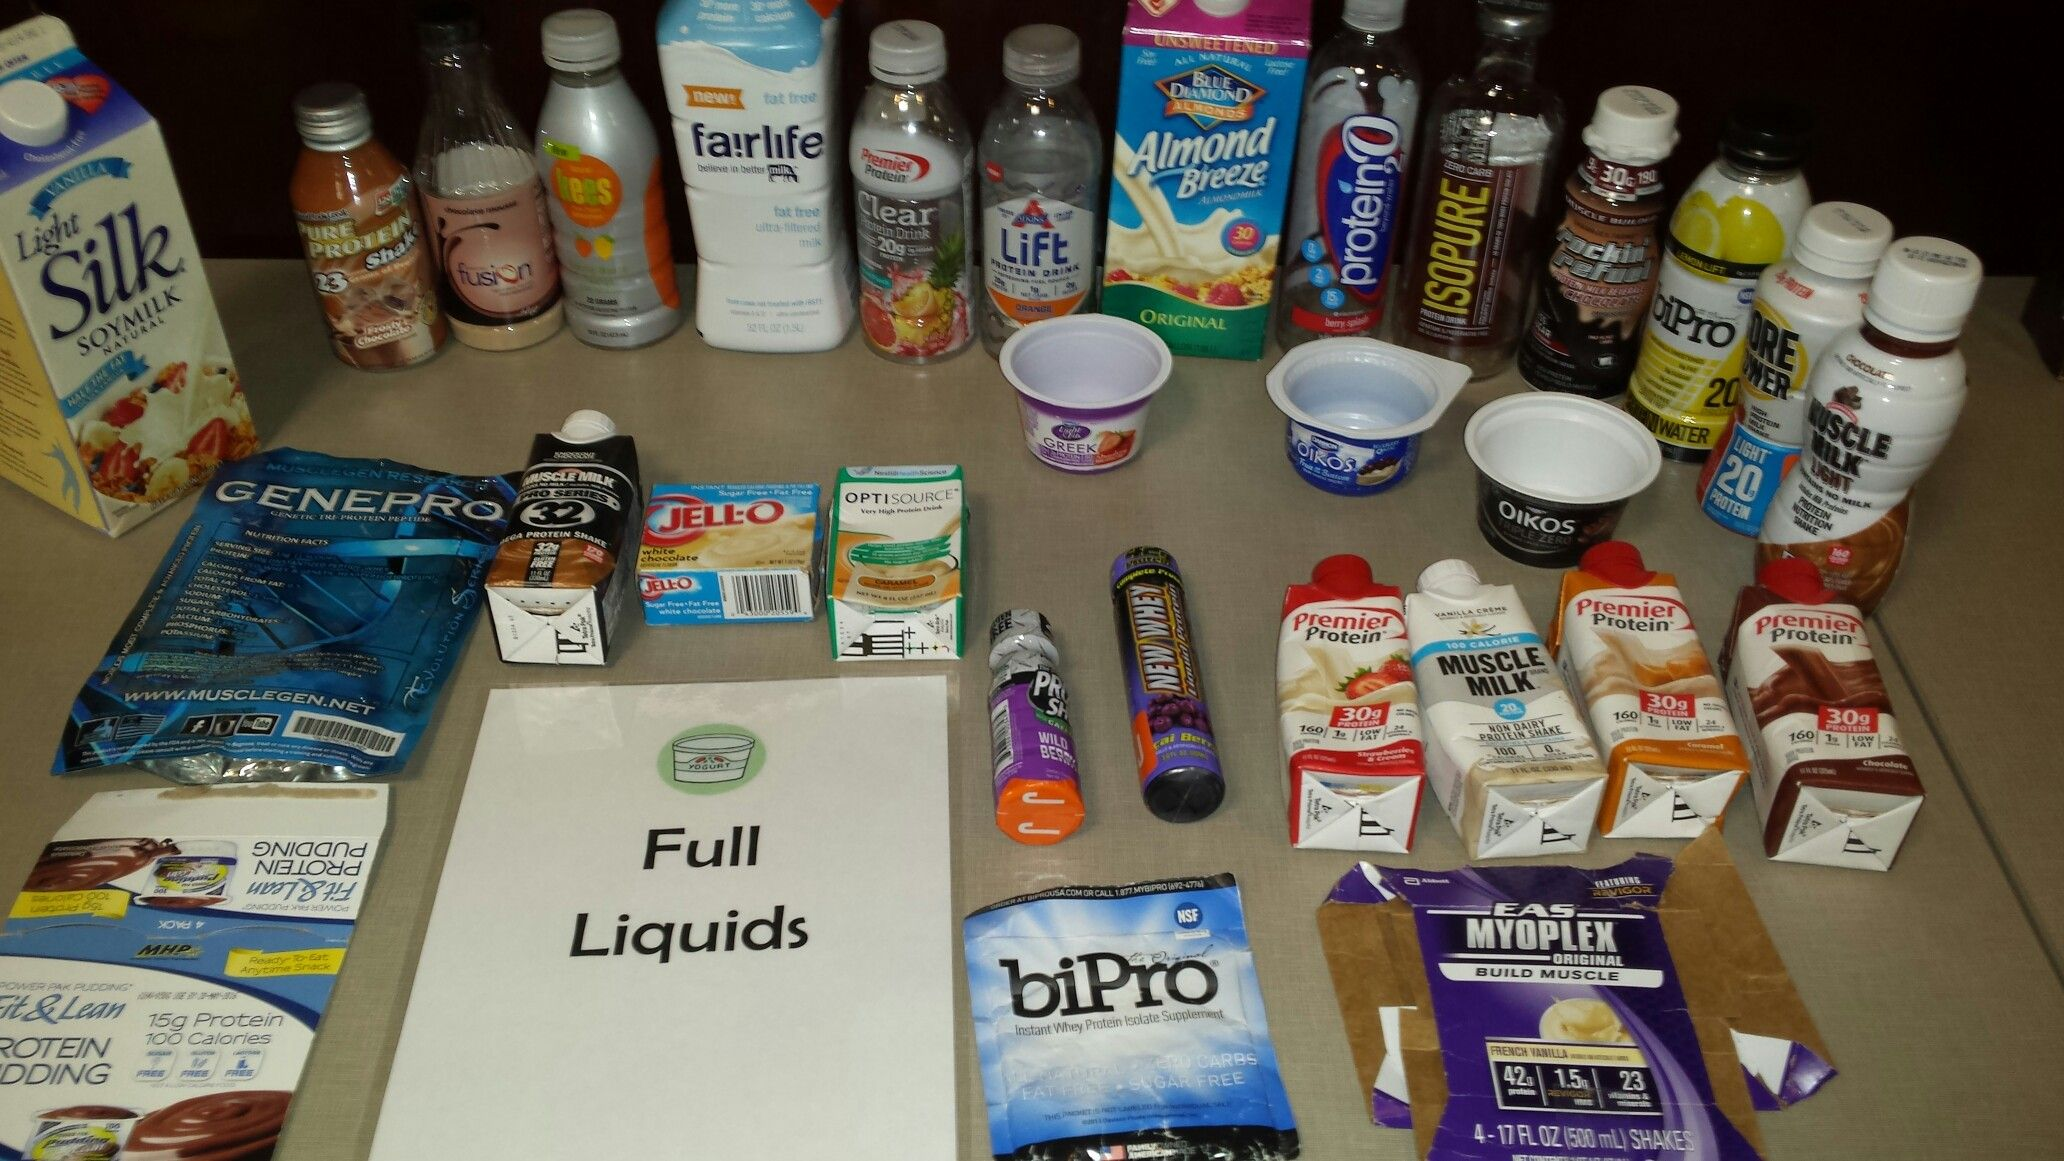 full liquid diet before bariatric surgery